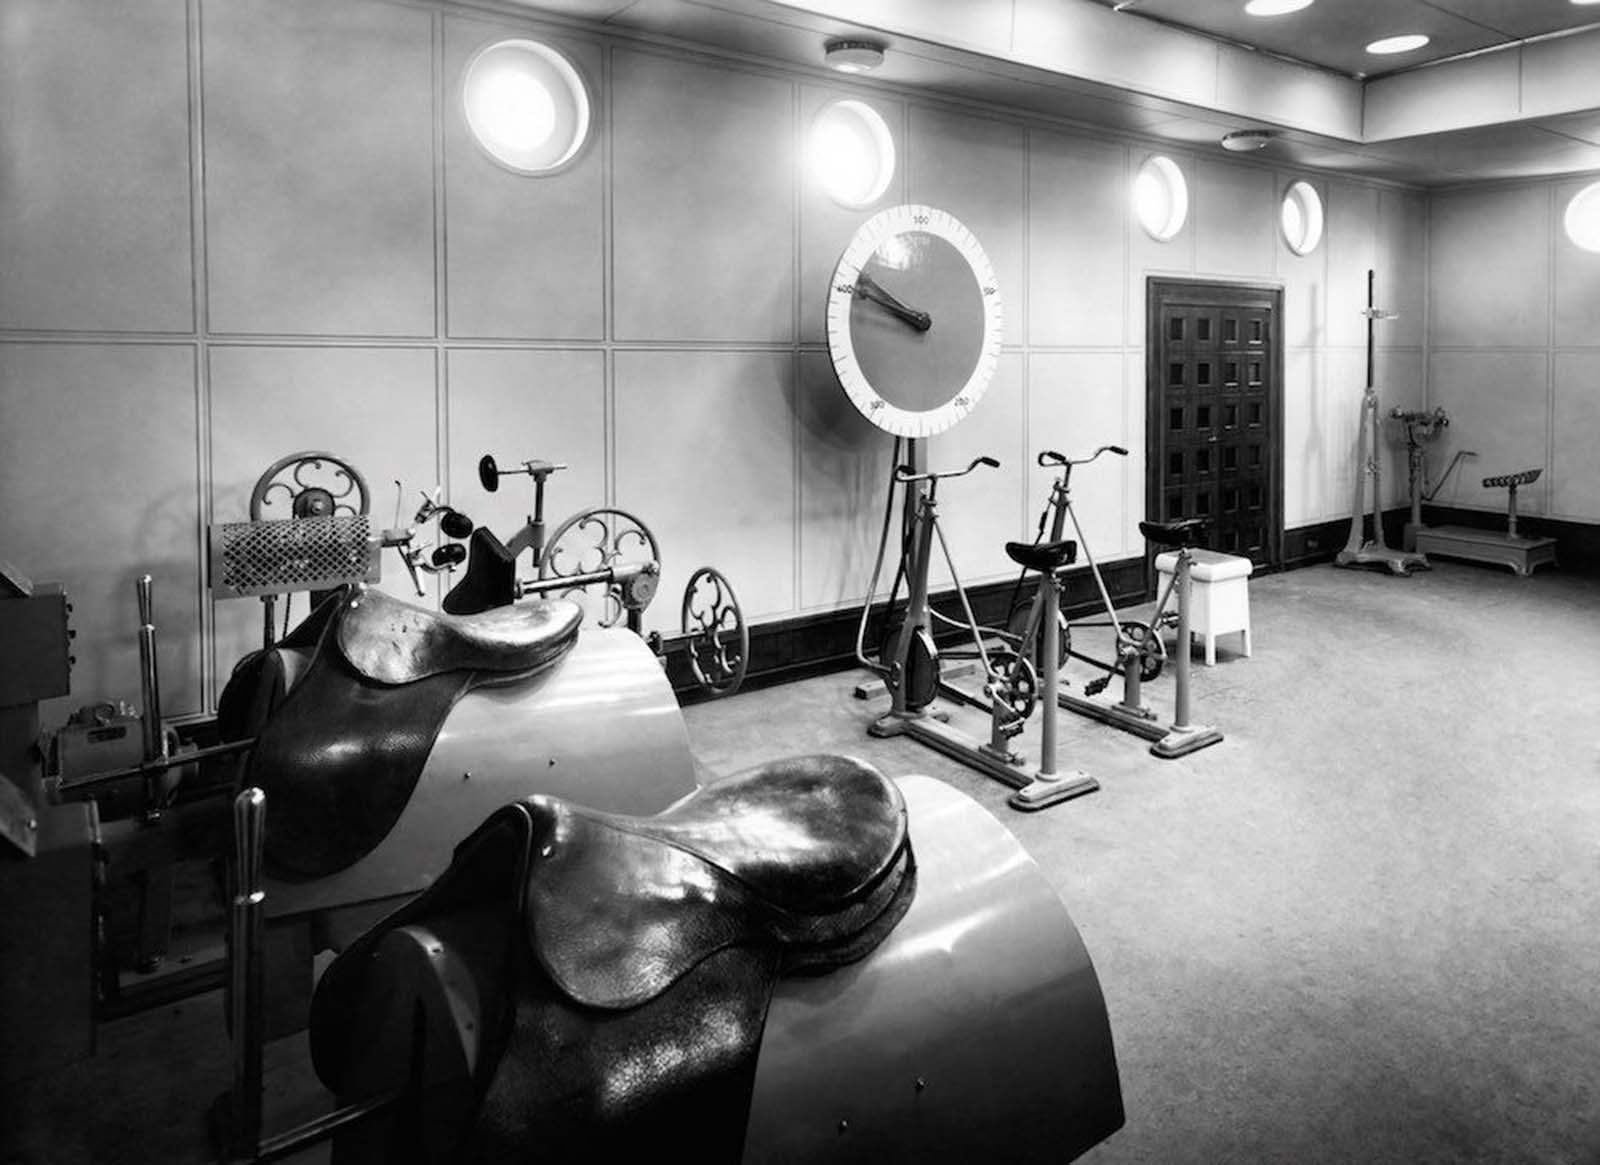 gimnasio de primera clase en el Liner Vulcania